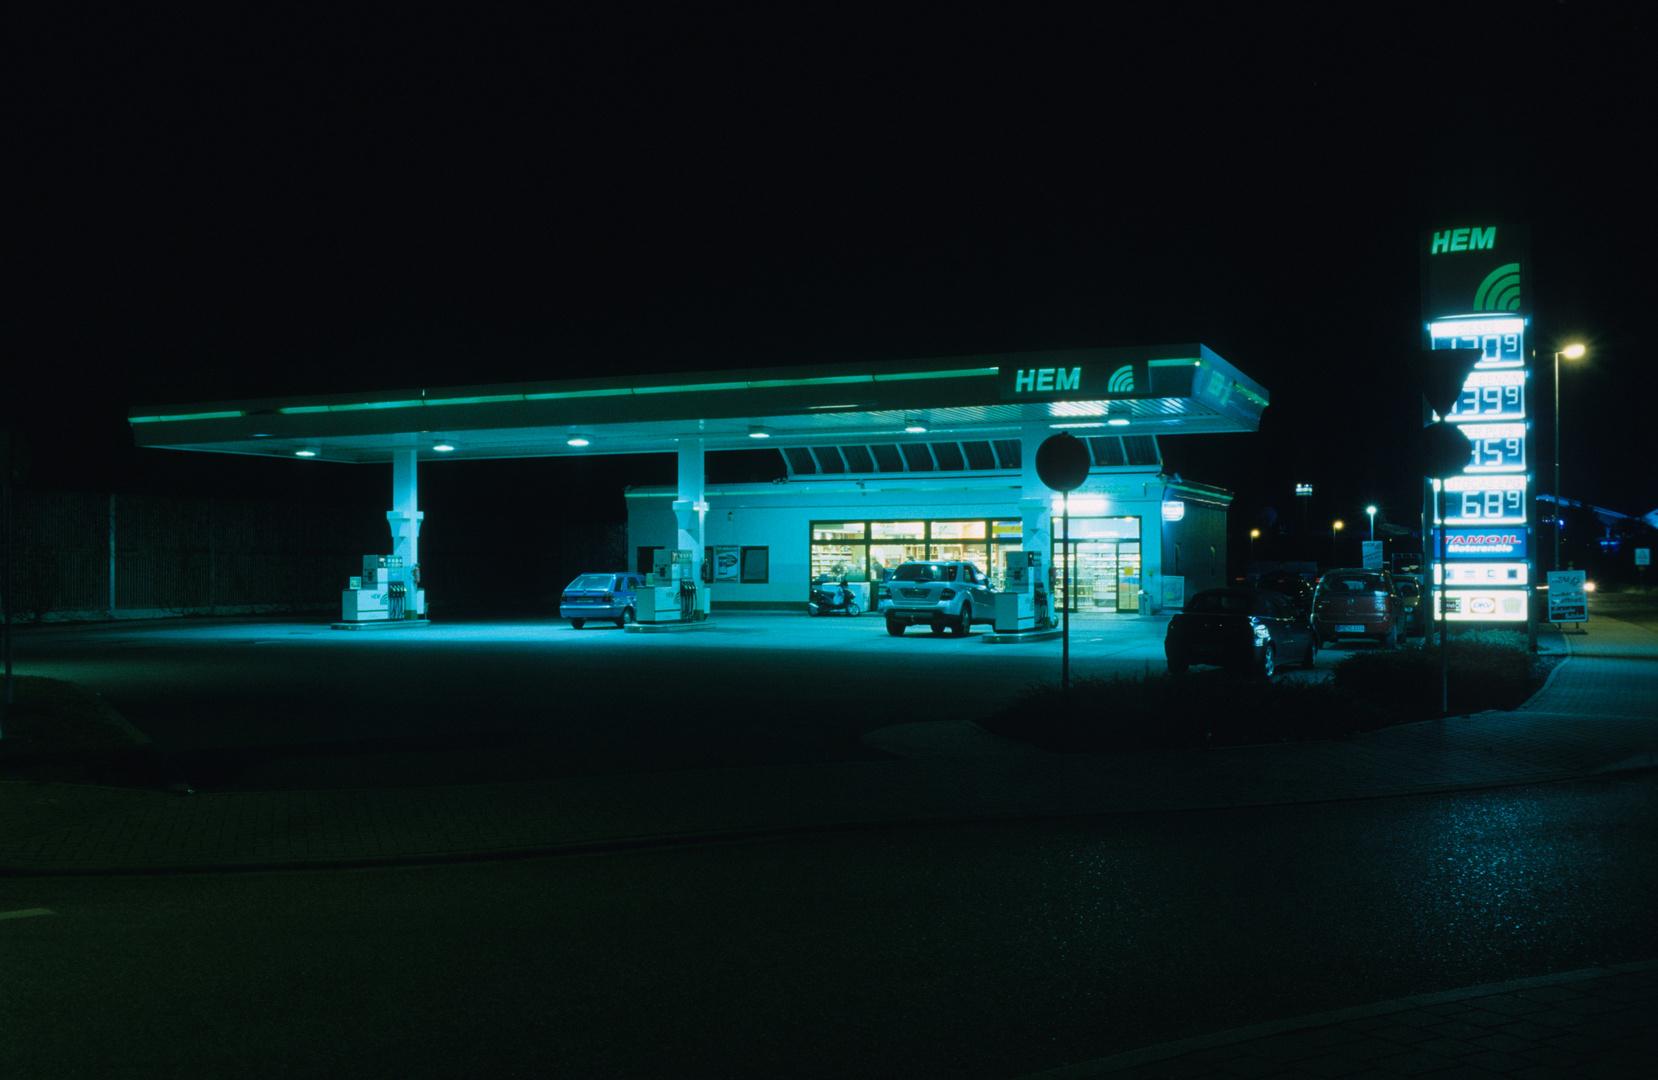 HEM-Tankstelle bei Nacht